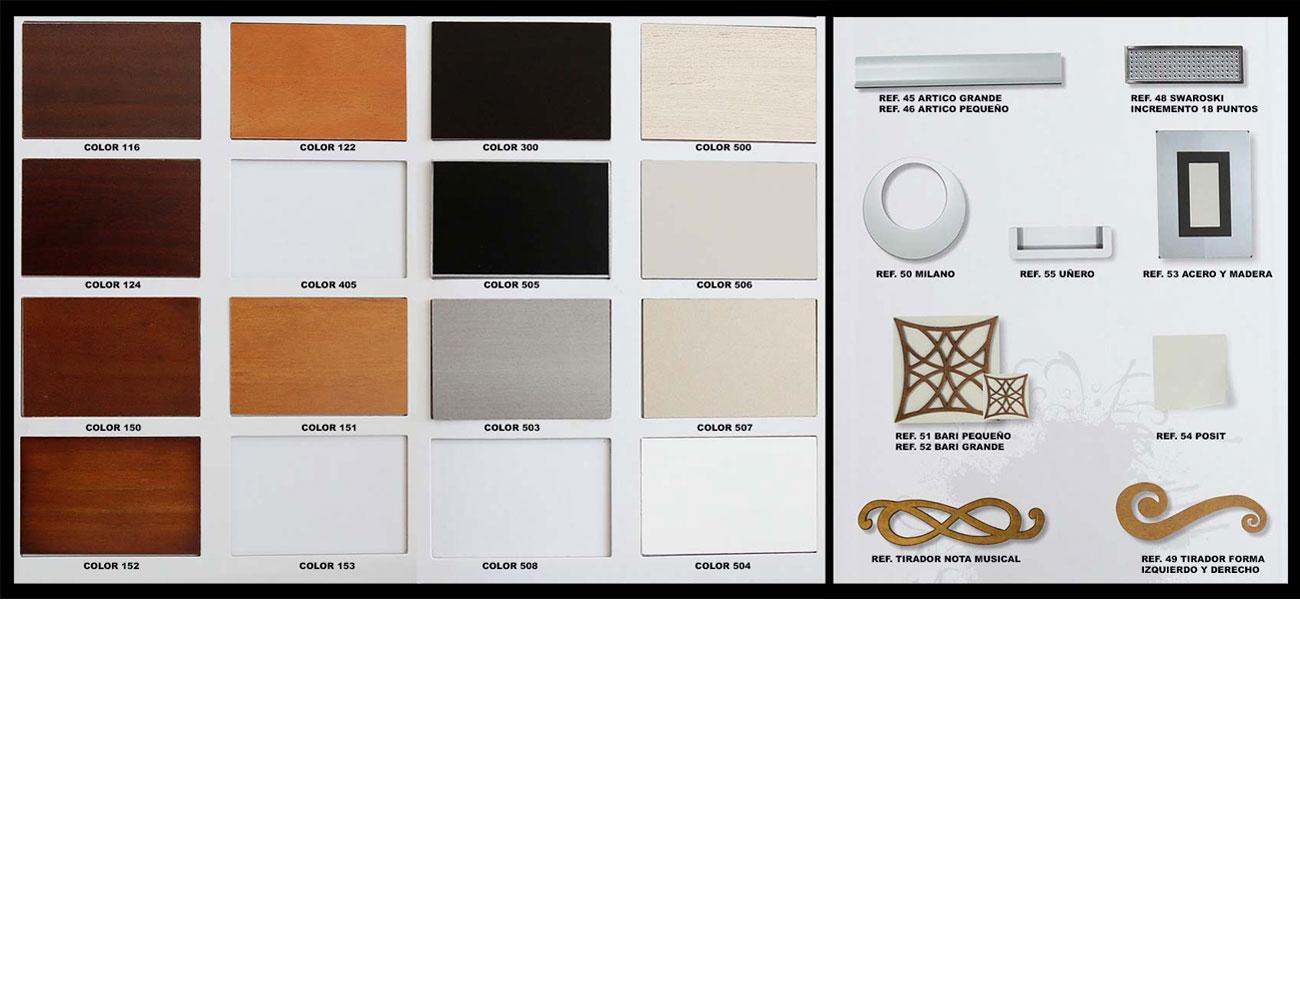 Colores tiradores18